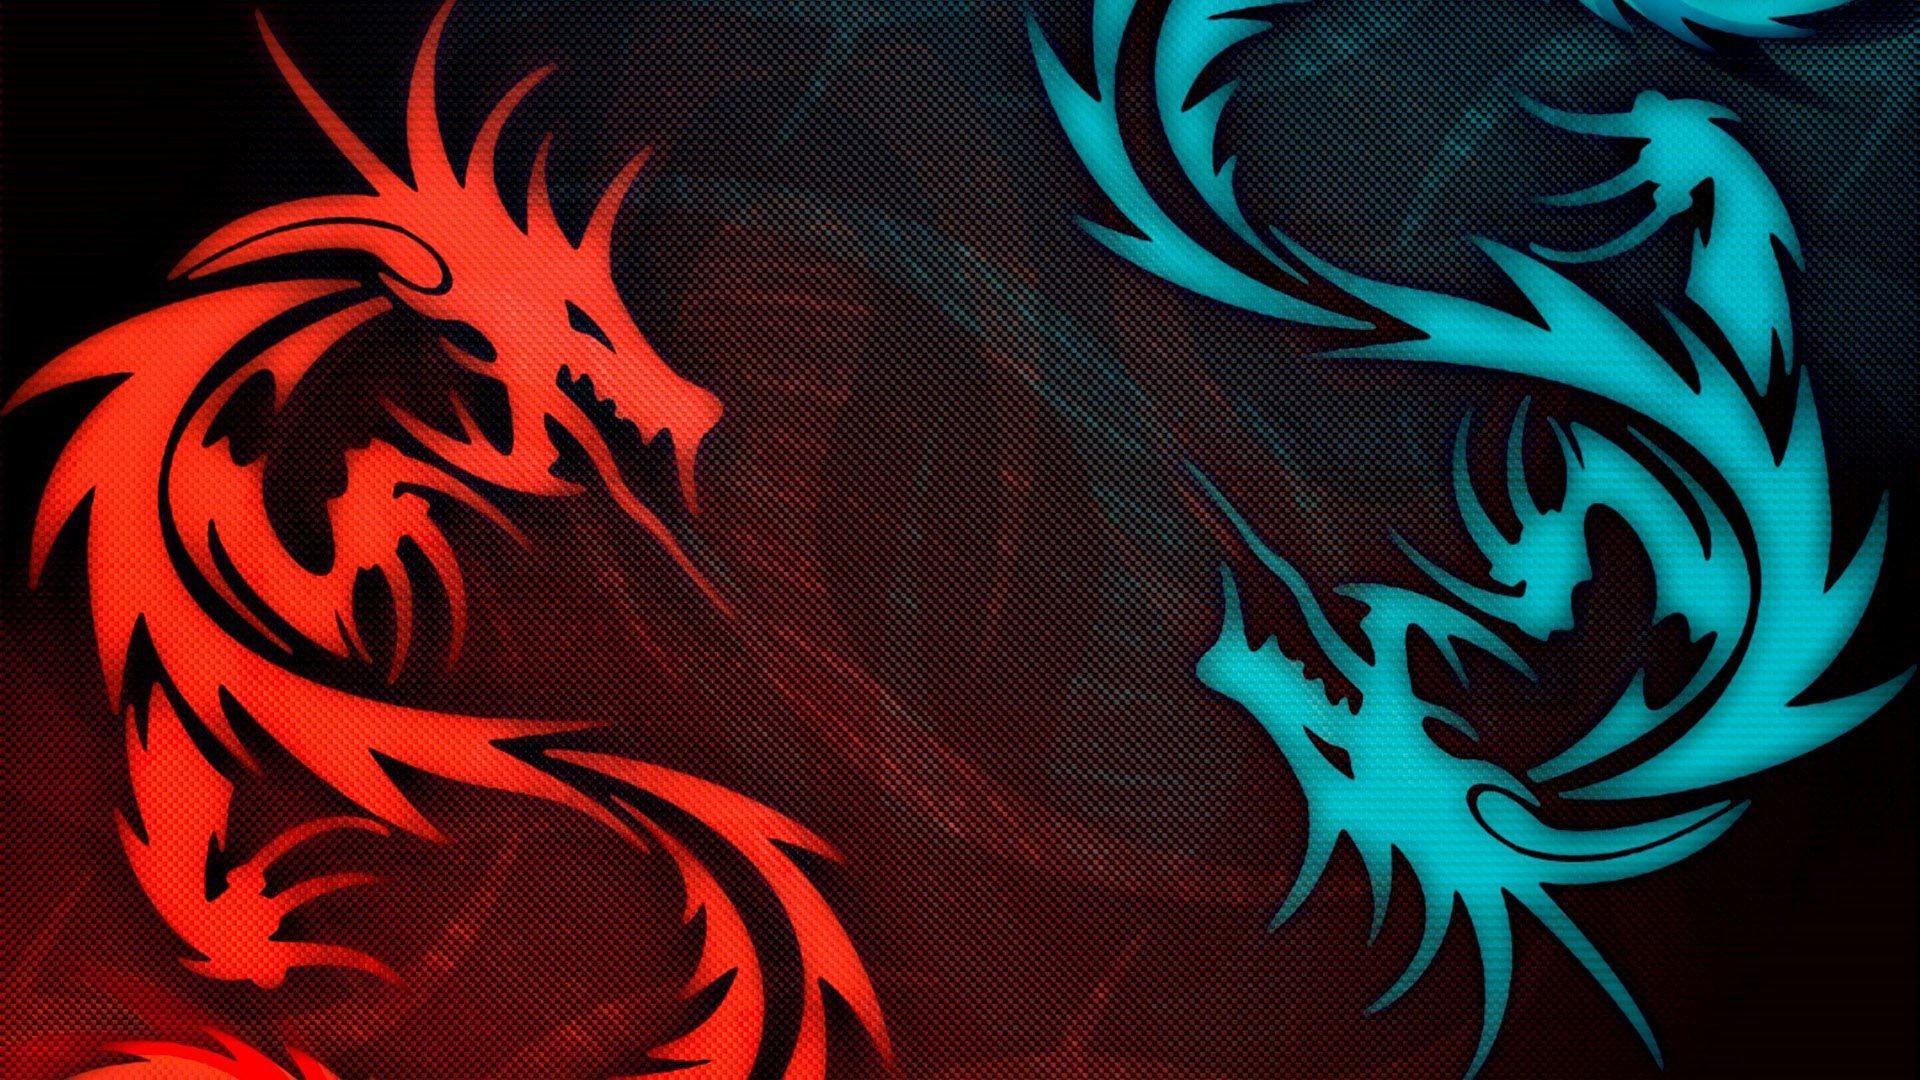 MSI Desktop Wallpaper – WallpaperSafari